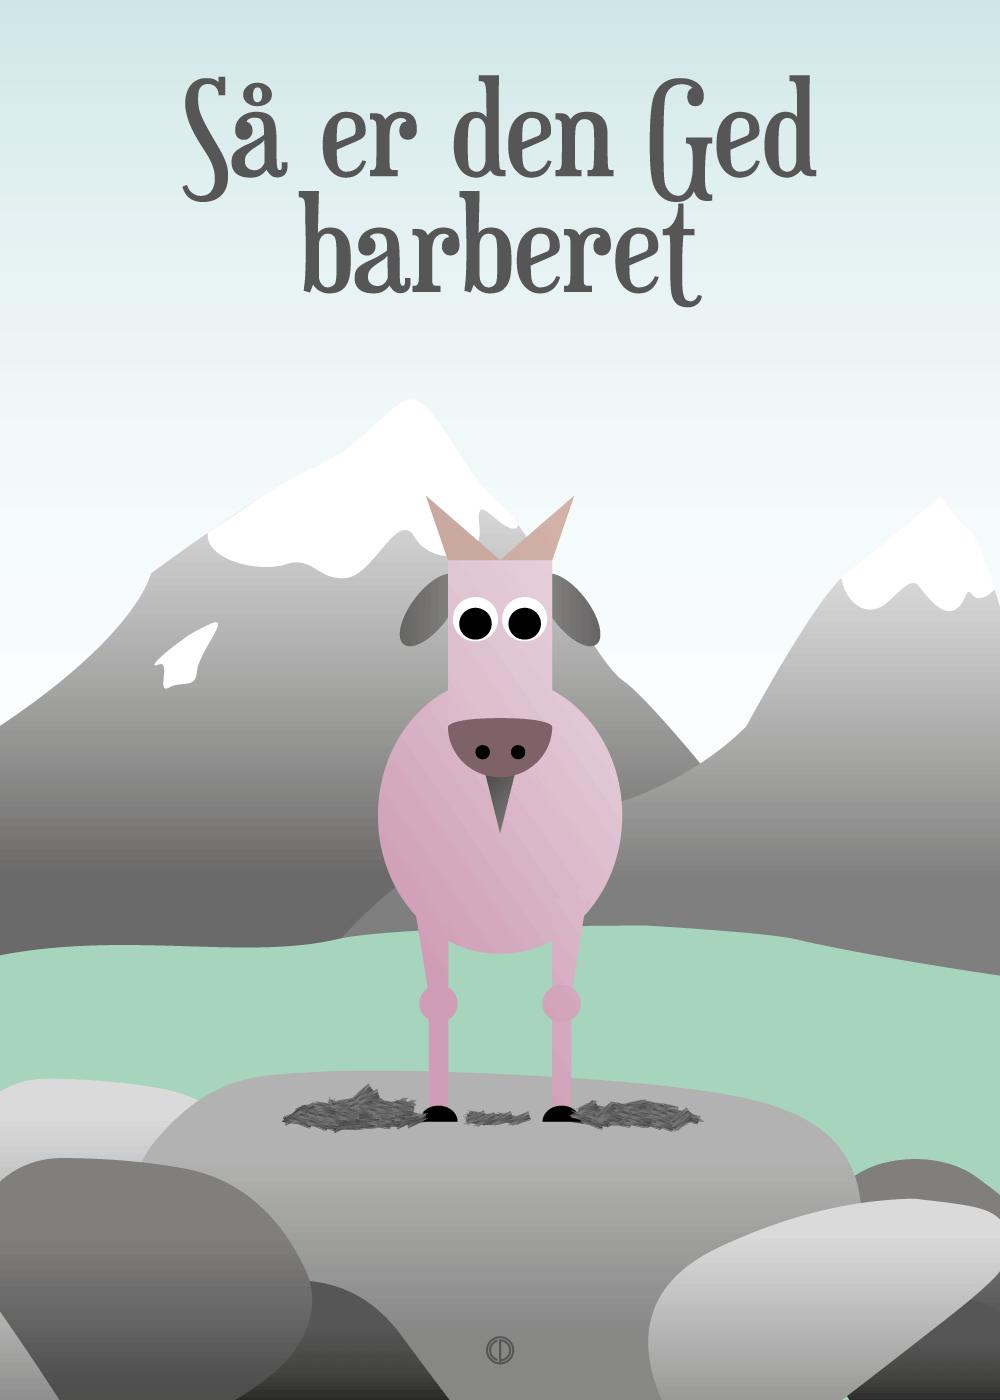 Køb SÃ¥ er den ged barberet